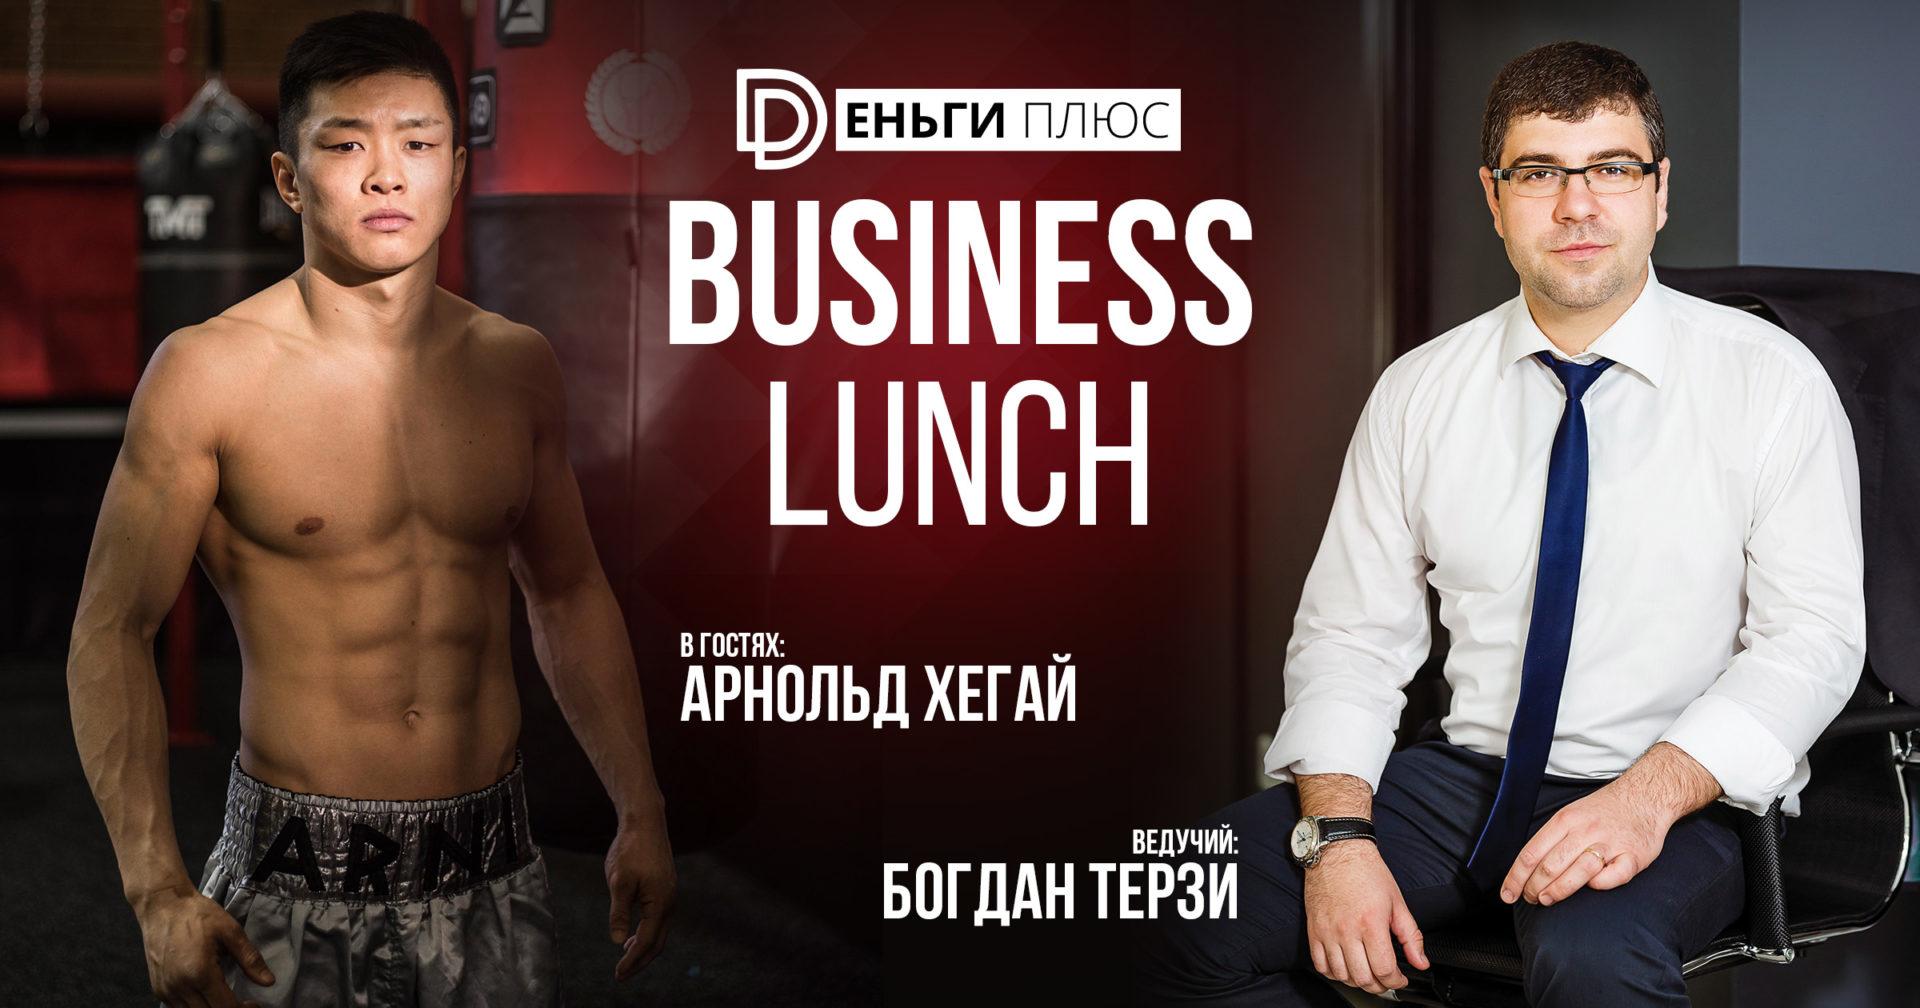 Бизнес-ланч с Деньги Плюс